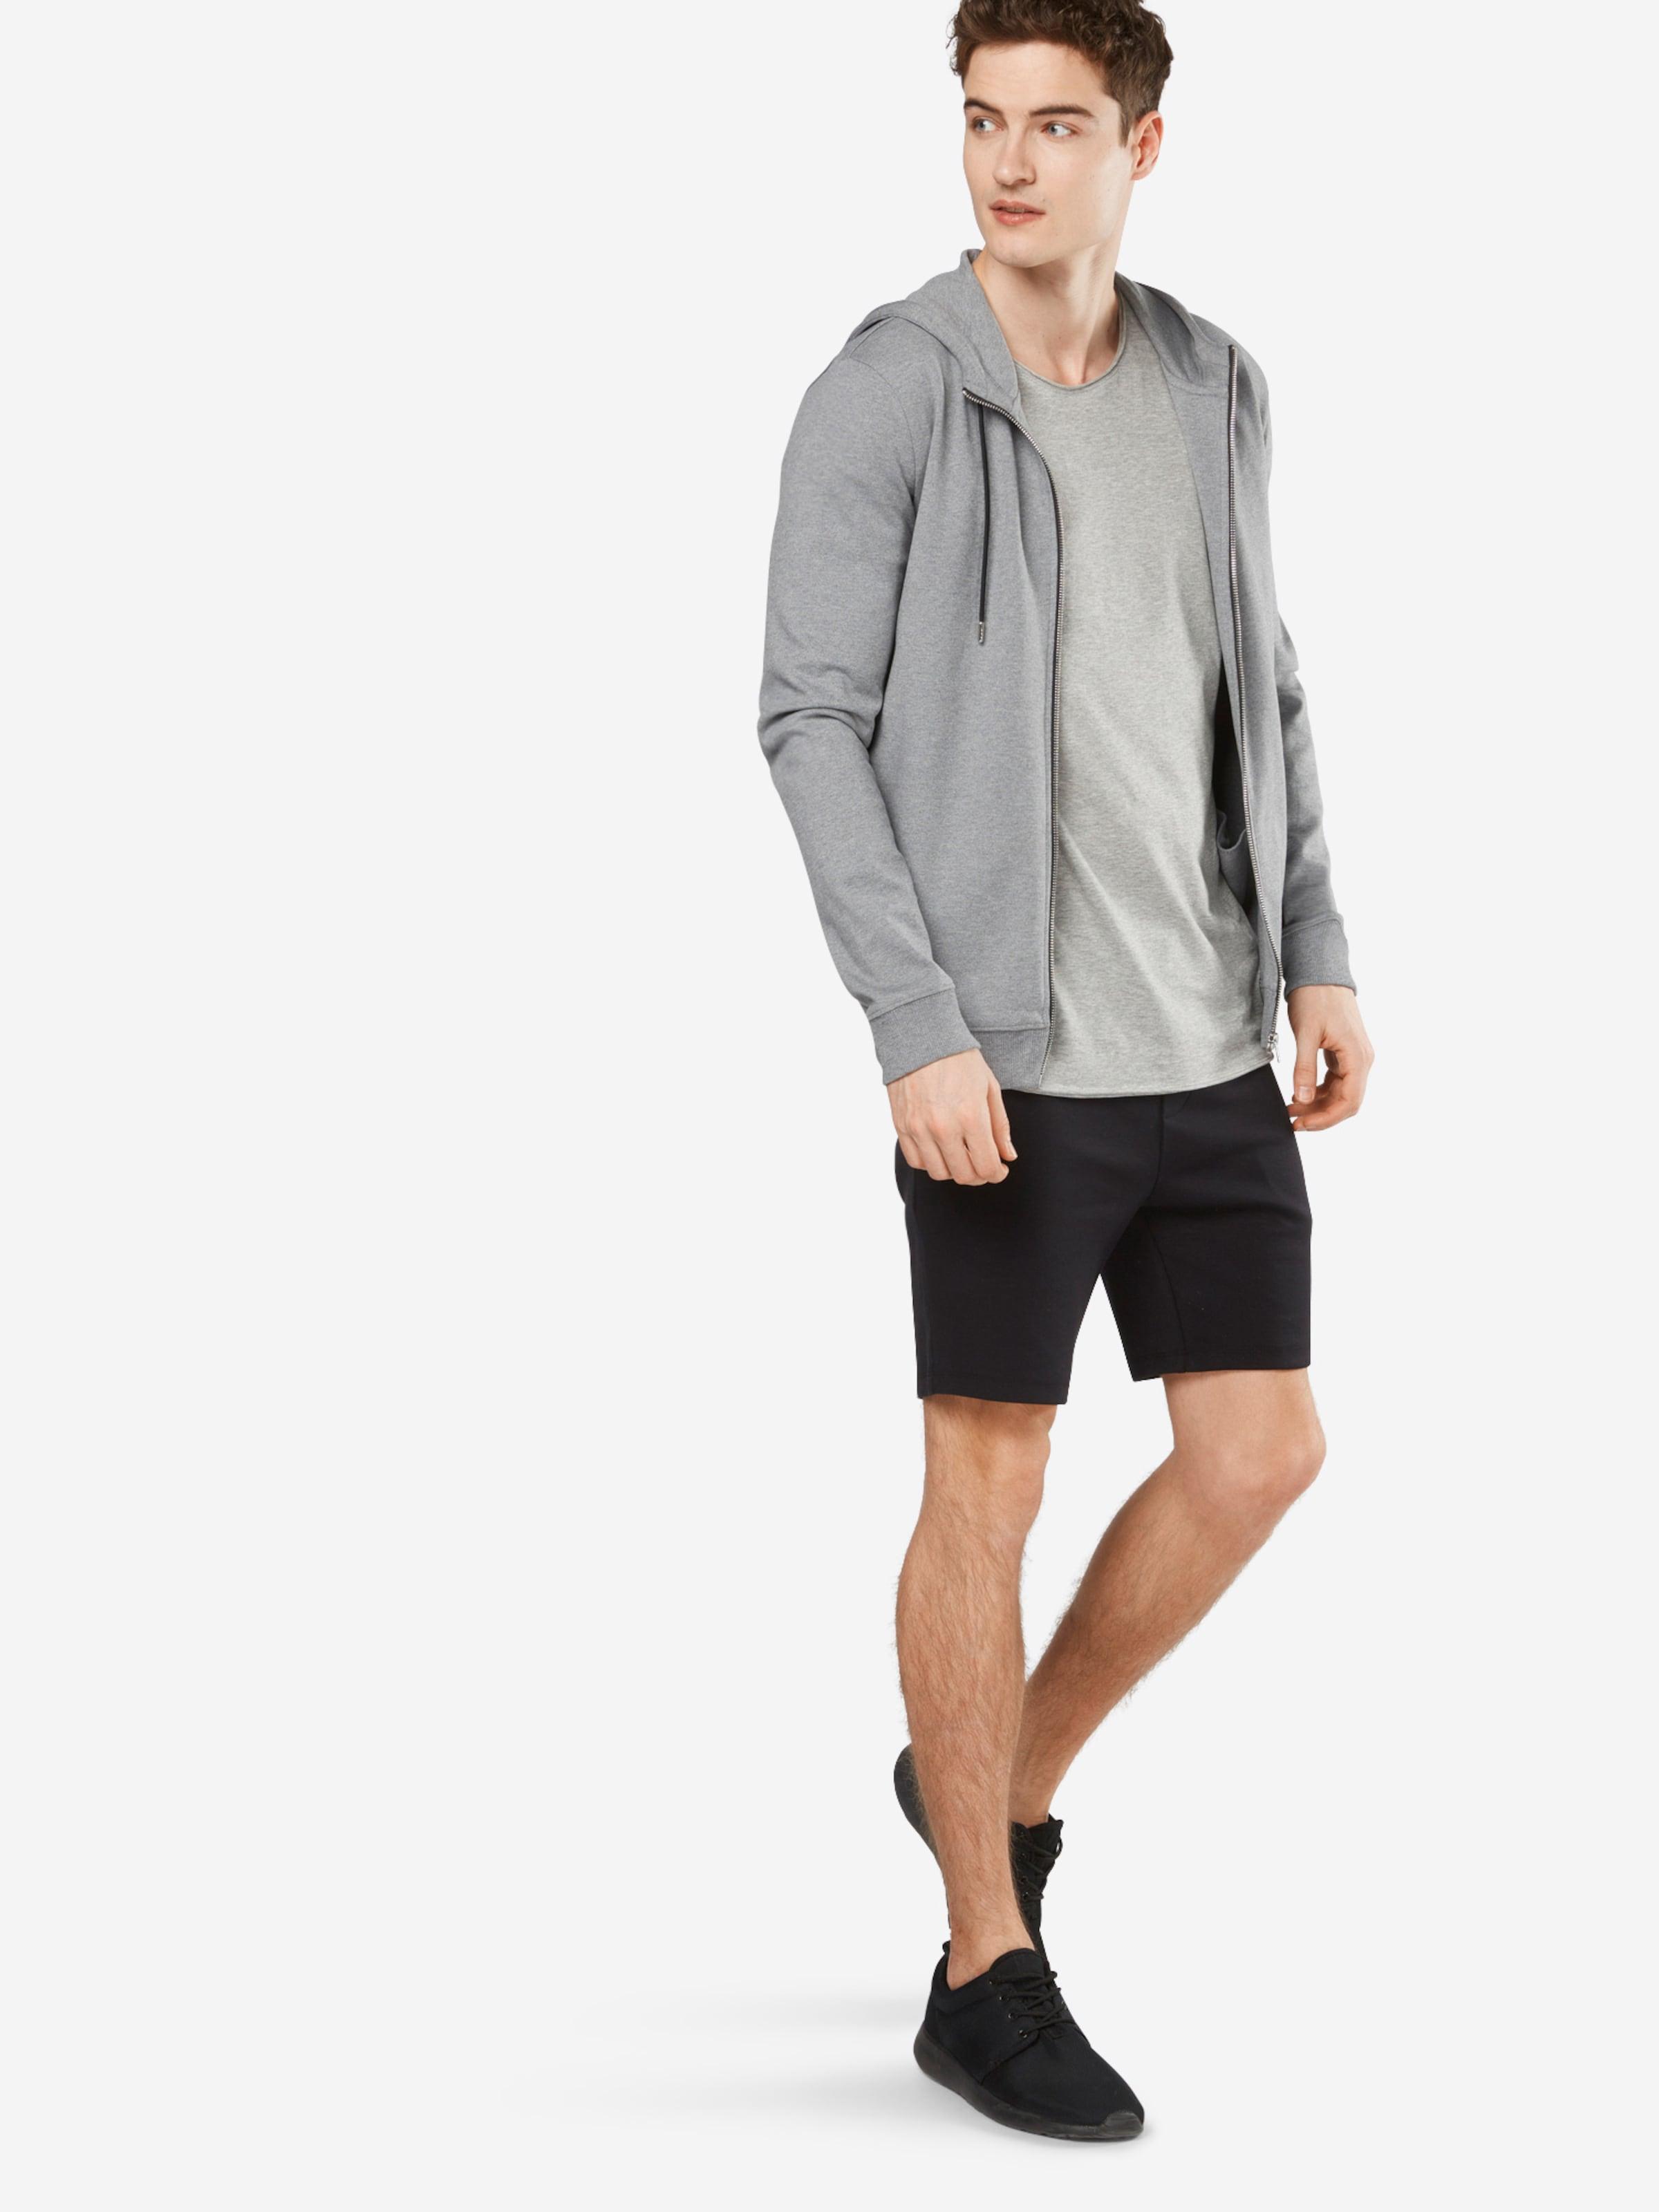 HUGO Sweat-Shorts 'Diz 10201254 01' Für Schön Professionel Beste Preise Im Netz Billig Verkaufen Hochwertige Liefern du2g9KkDLL